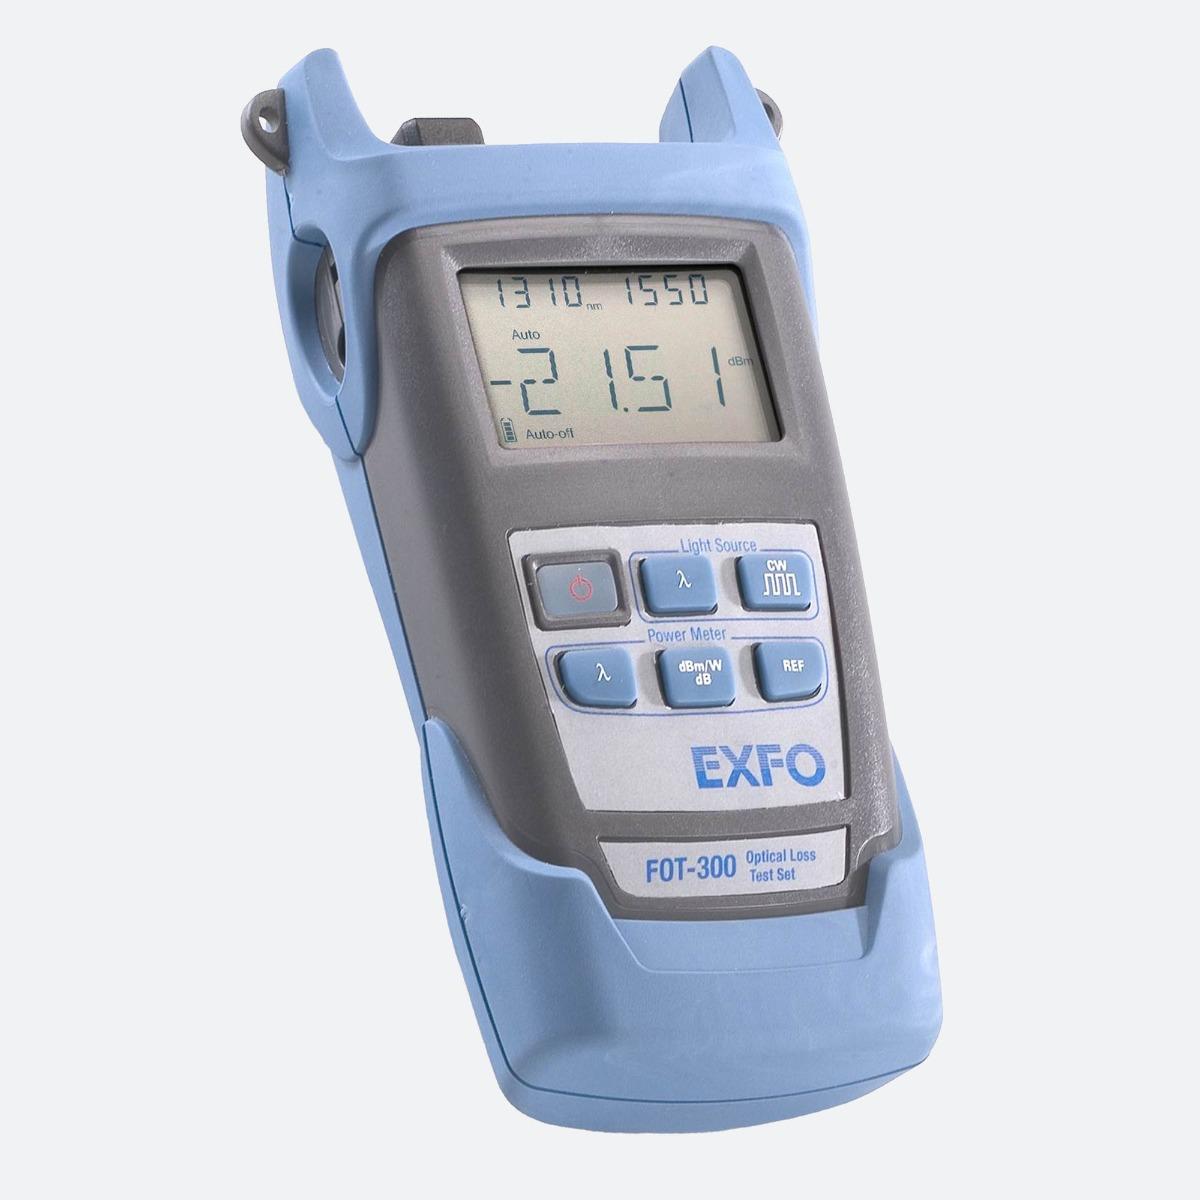 EXFO FOT-300 - optical loss test set